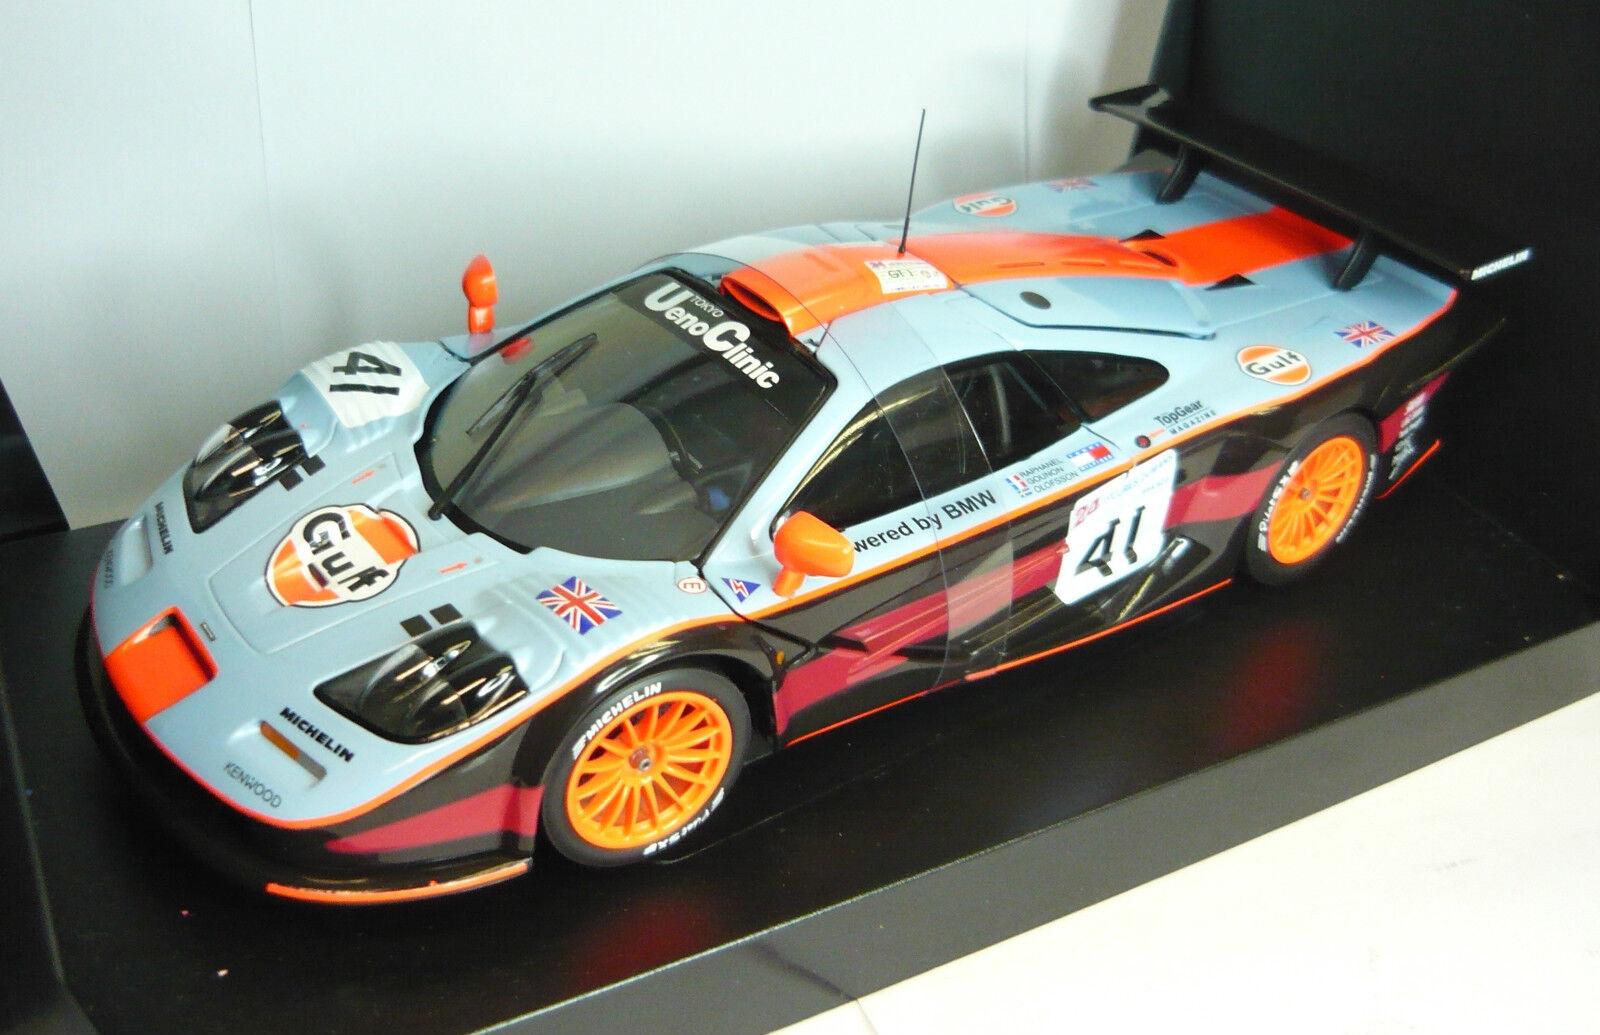 UT MODELS 39727 McLaren f1 GTR Le Mans  41 1997 1 18 Nouveau & dans neuf dans sa boîte